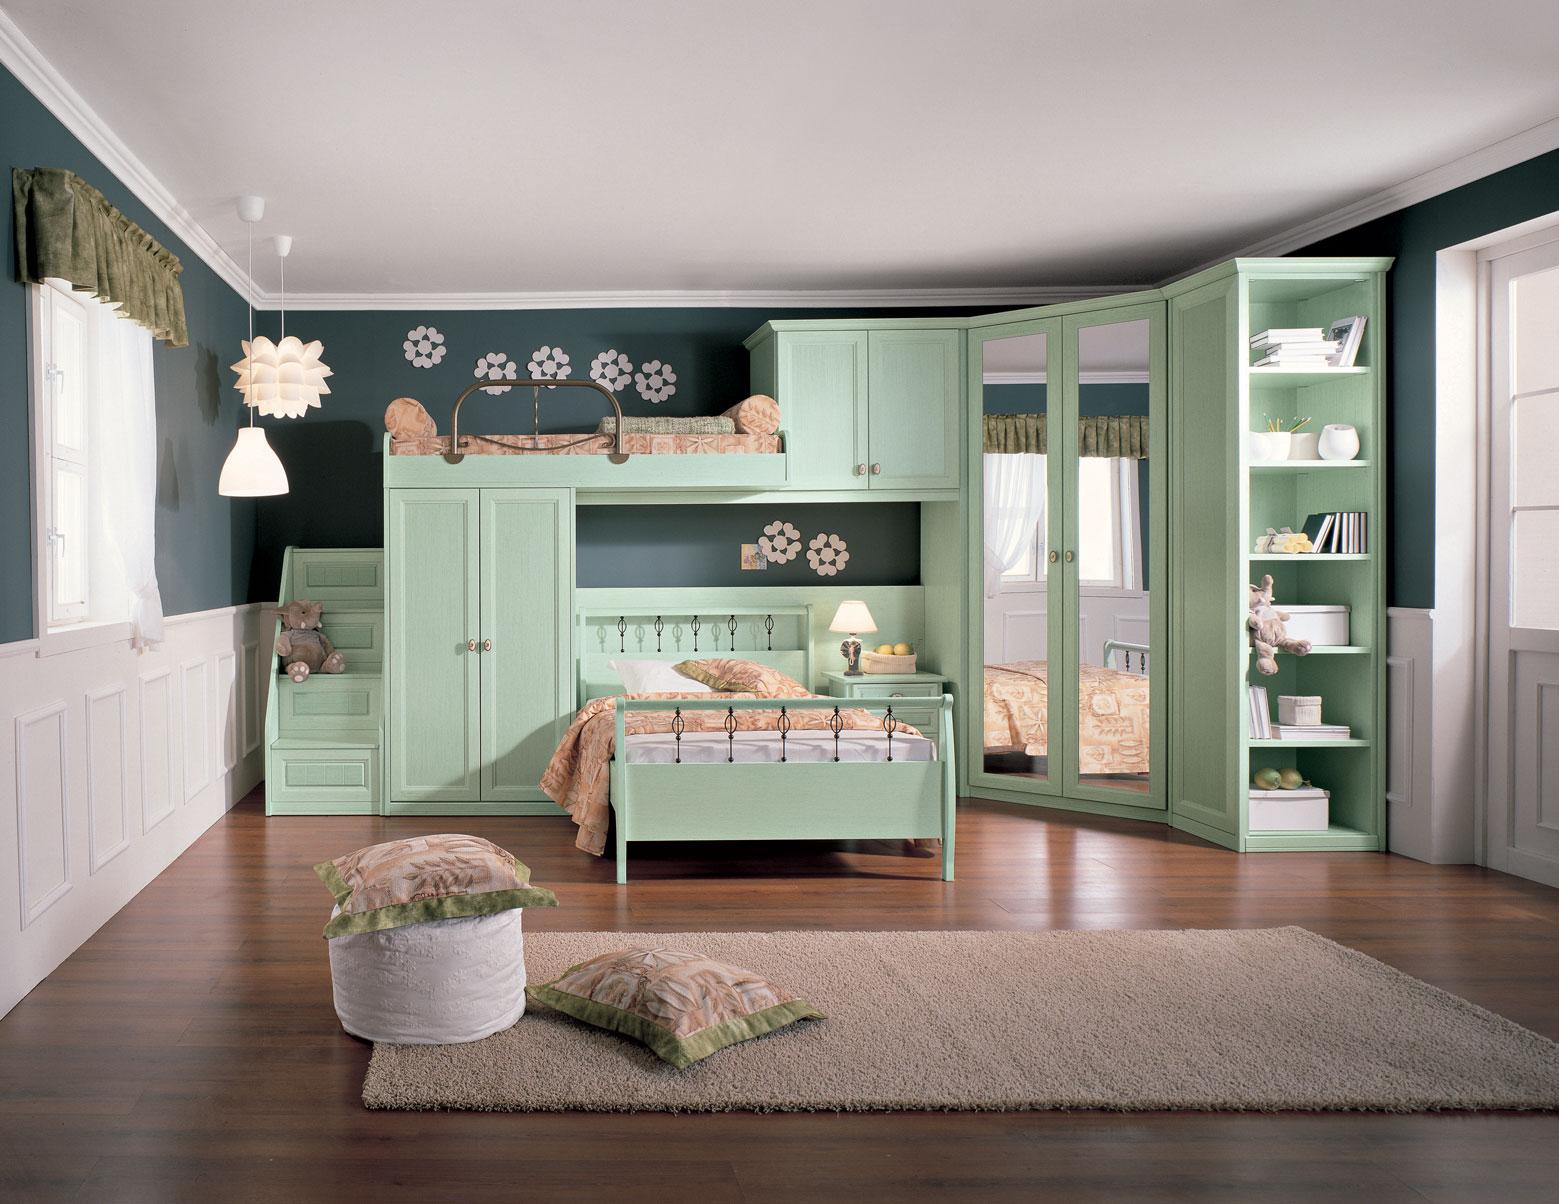 интерьер спальни для детей в светло-зеленых тонах